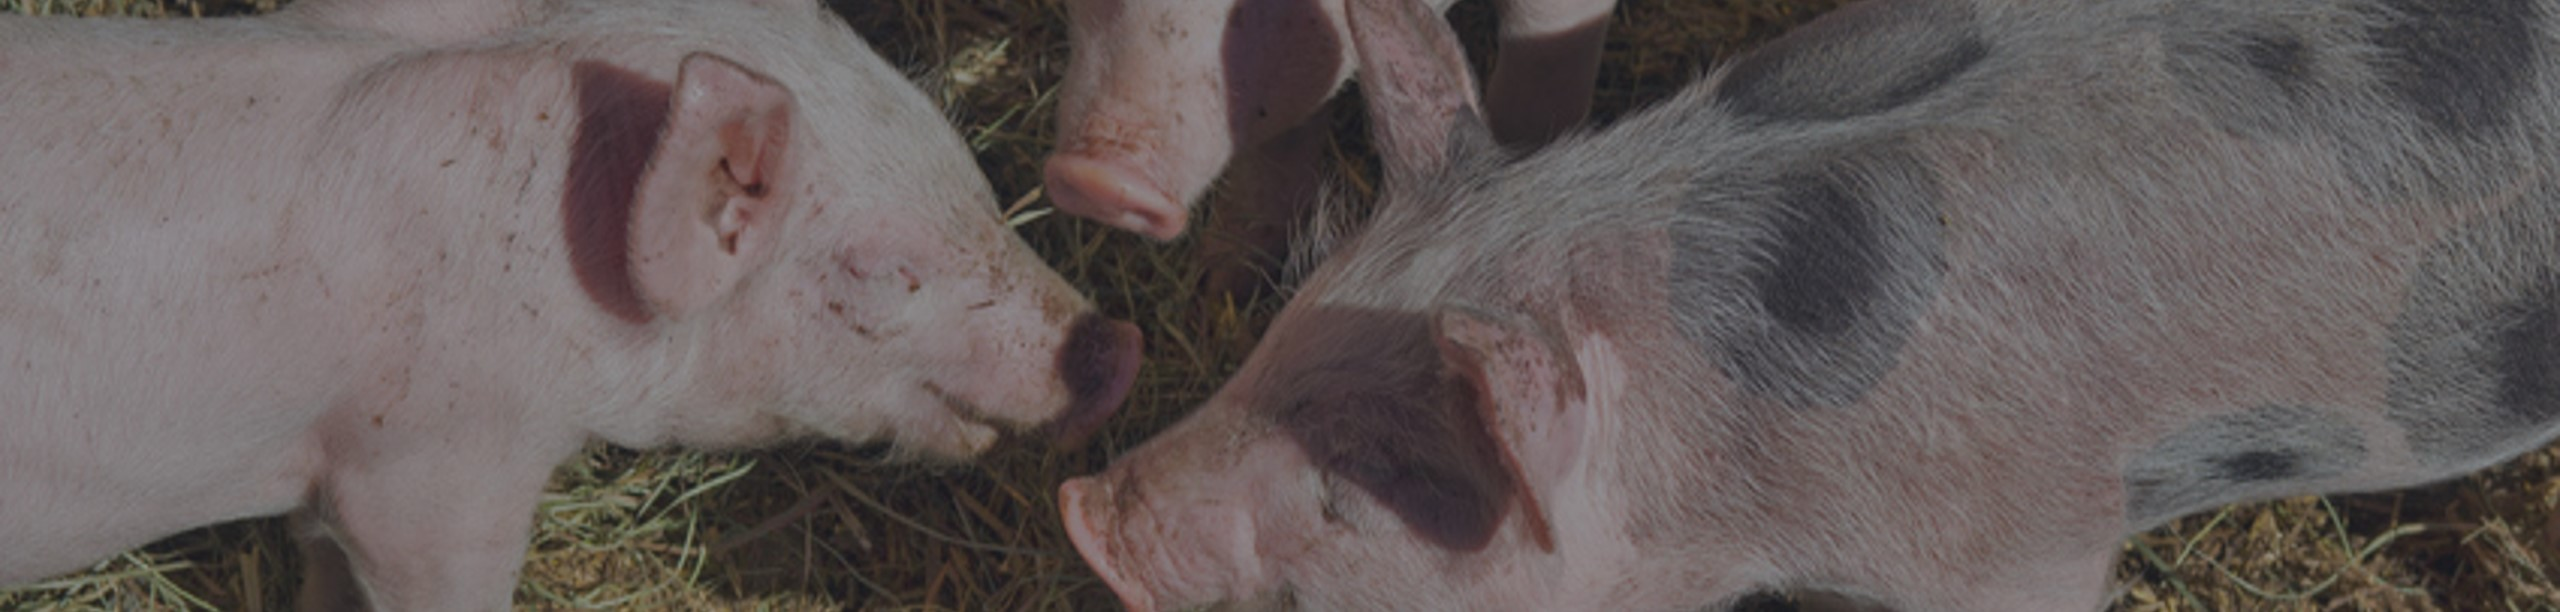 Pork2-4